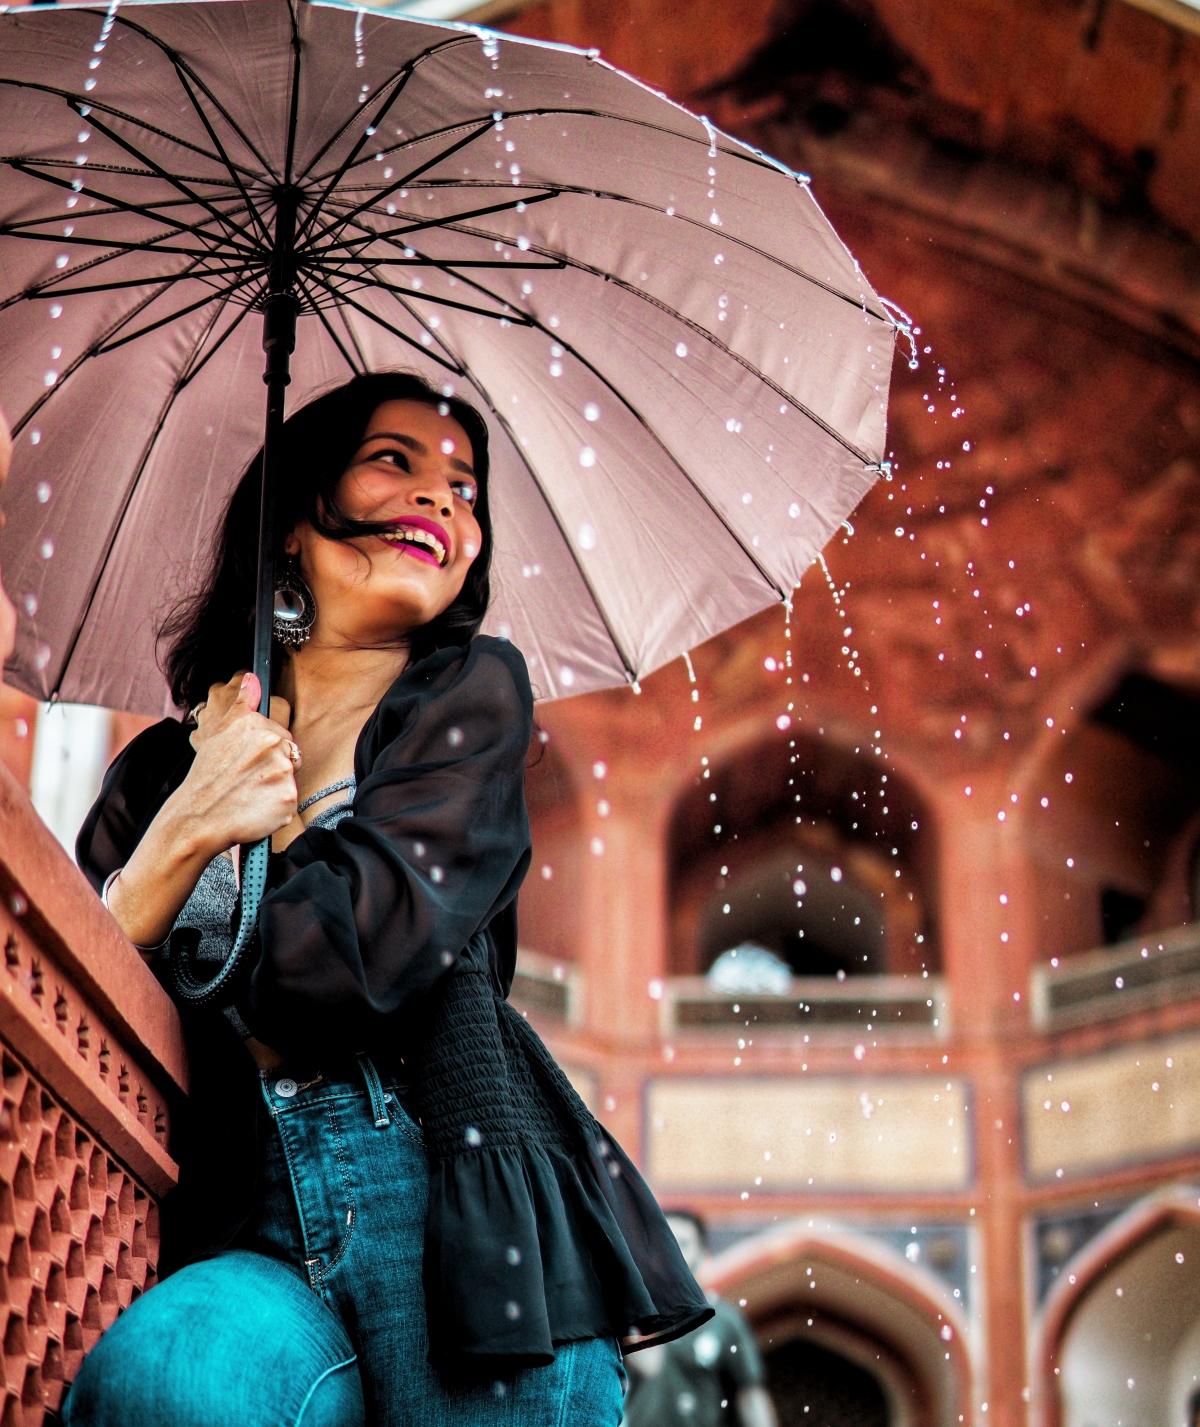 Chuẩn bị tốt sẽ giúp bạn tận hưởng chuyến đi du lịch dù gặp trời mưa.